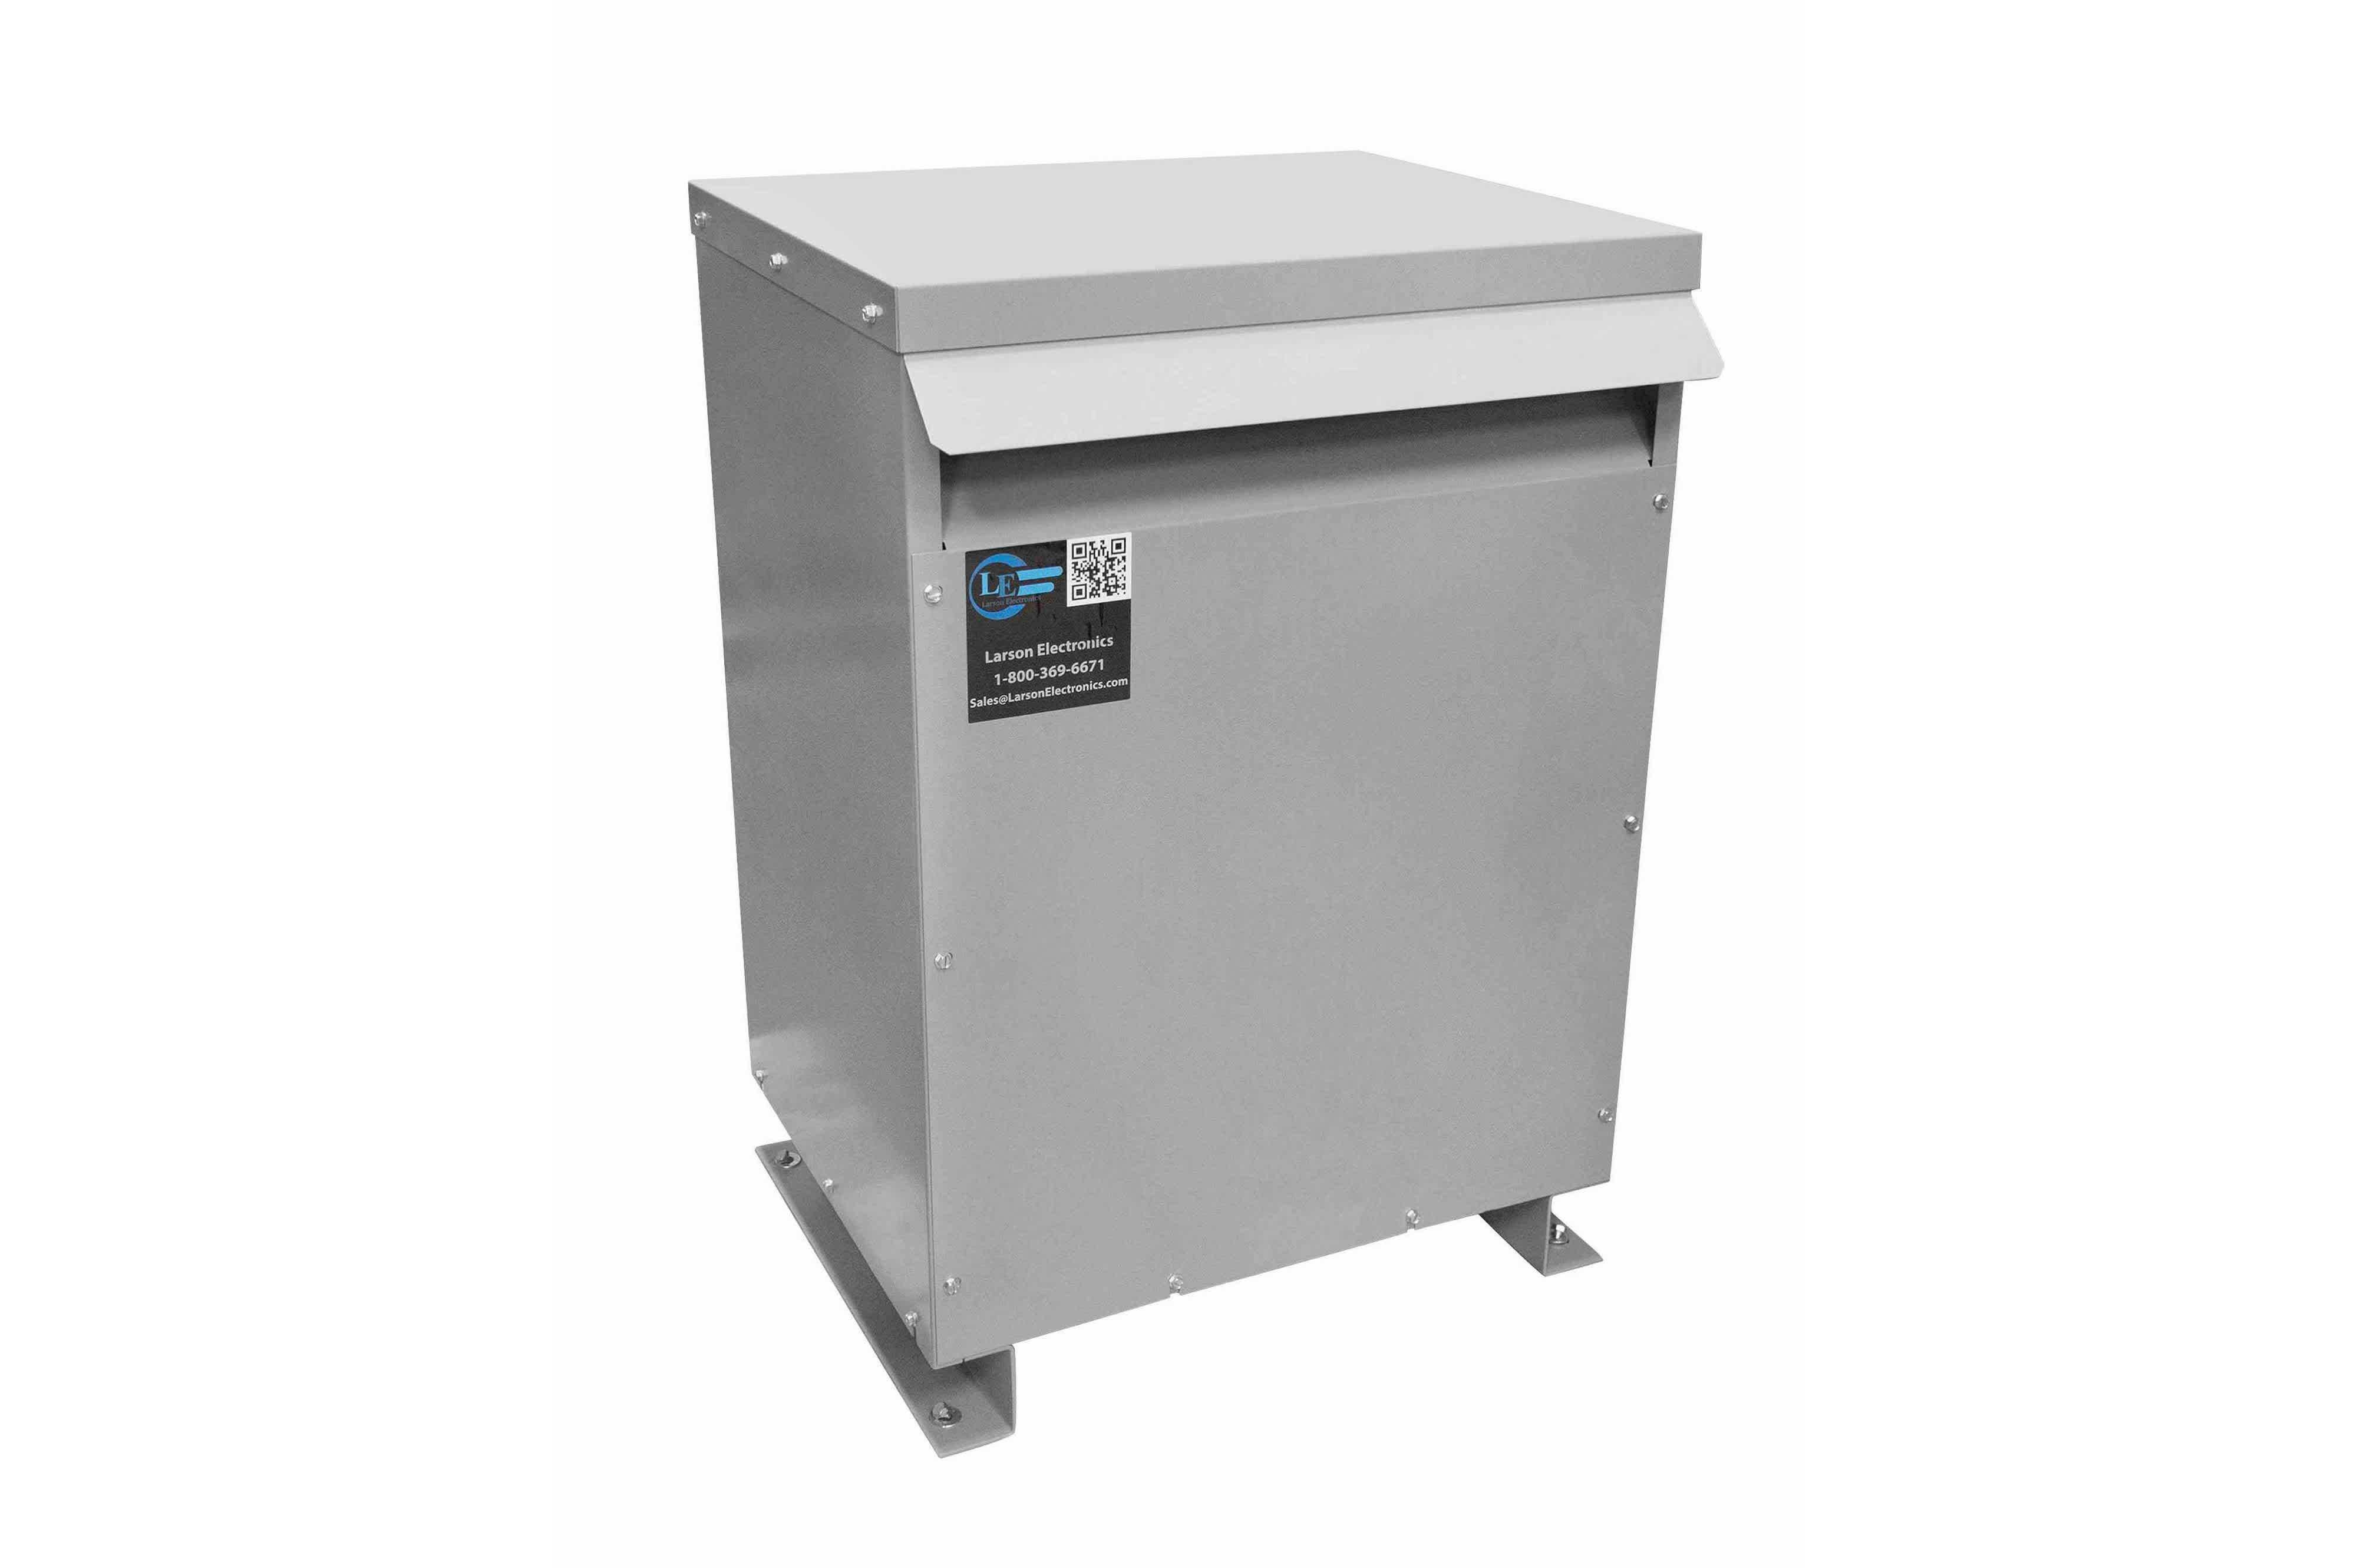 250 kVA 3PH DOE Transformer, 415V Delta Primary, 240V/120 Delta Secondary, N3R, Ventilated, 60 Hz